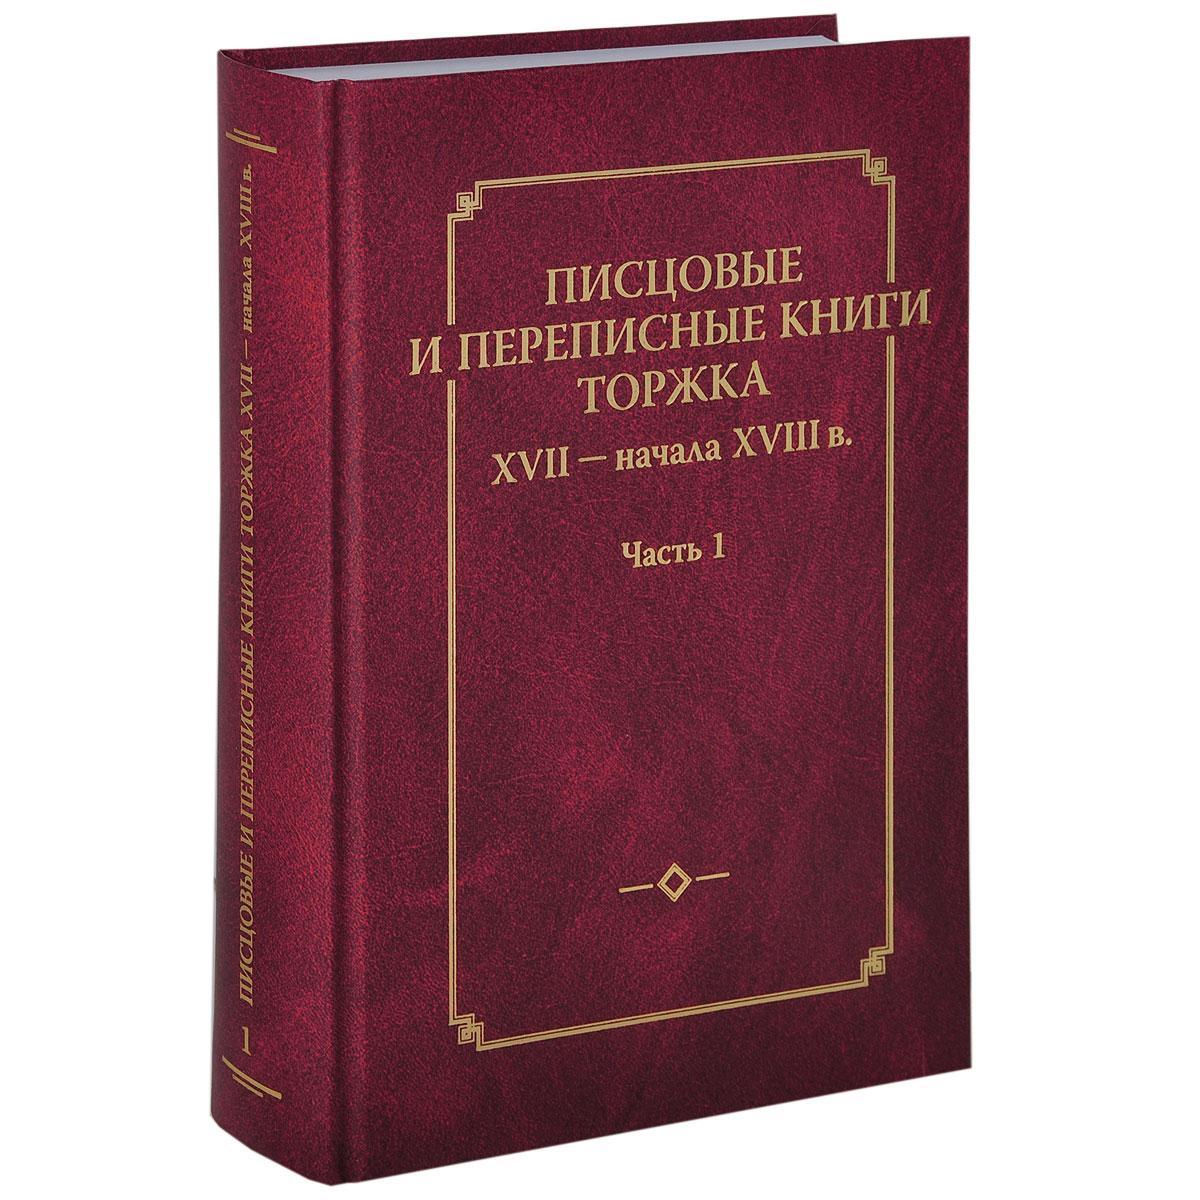 Писцовые и переписные книги Торжка XVII - начала XVIII века. Часть 1 ( 978-5-9551-0728-8 )